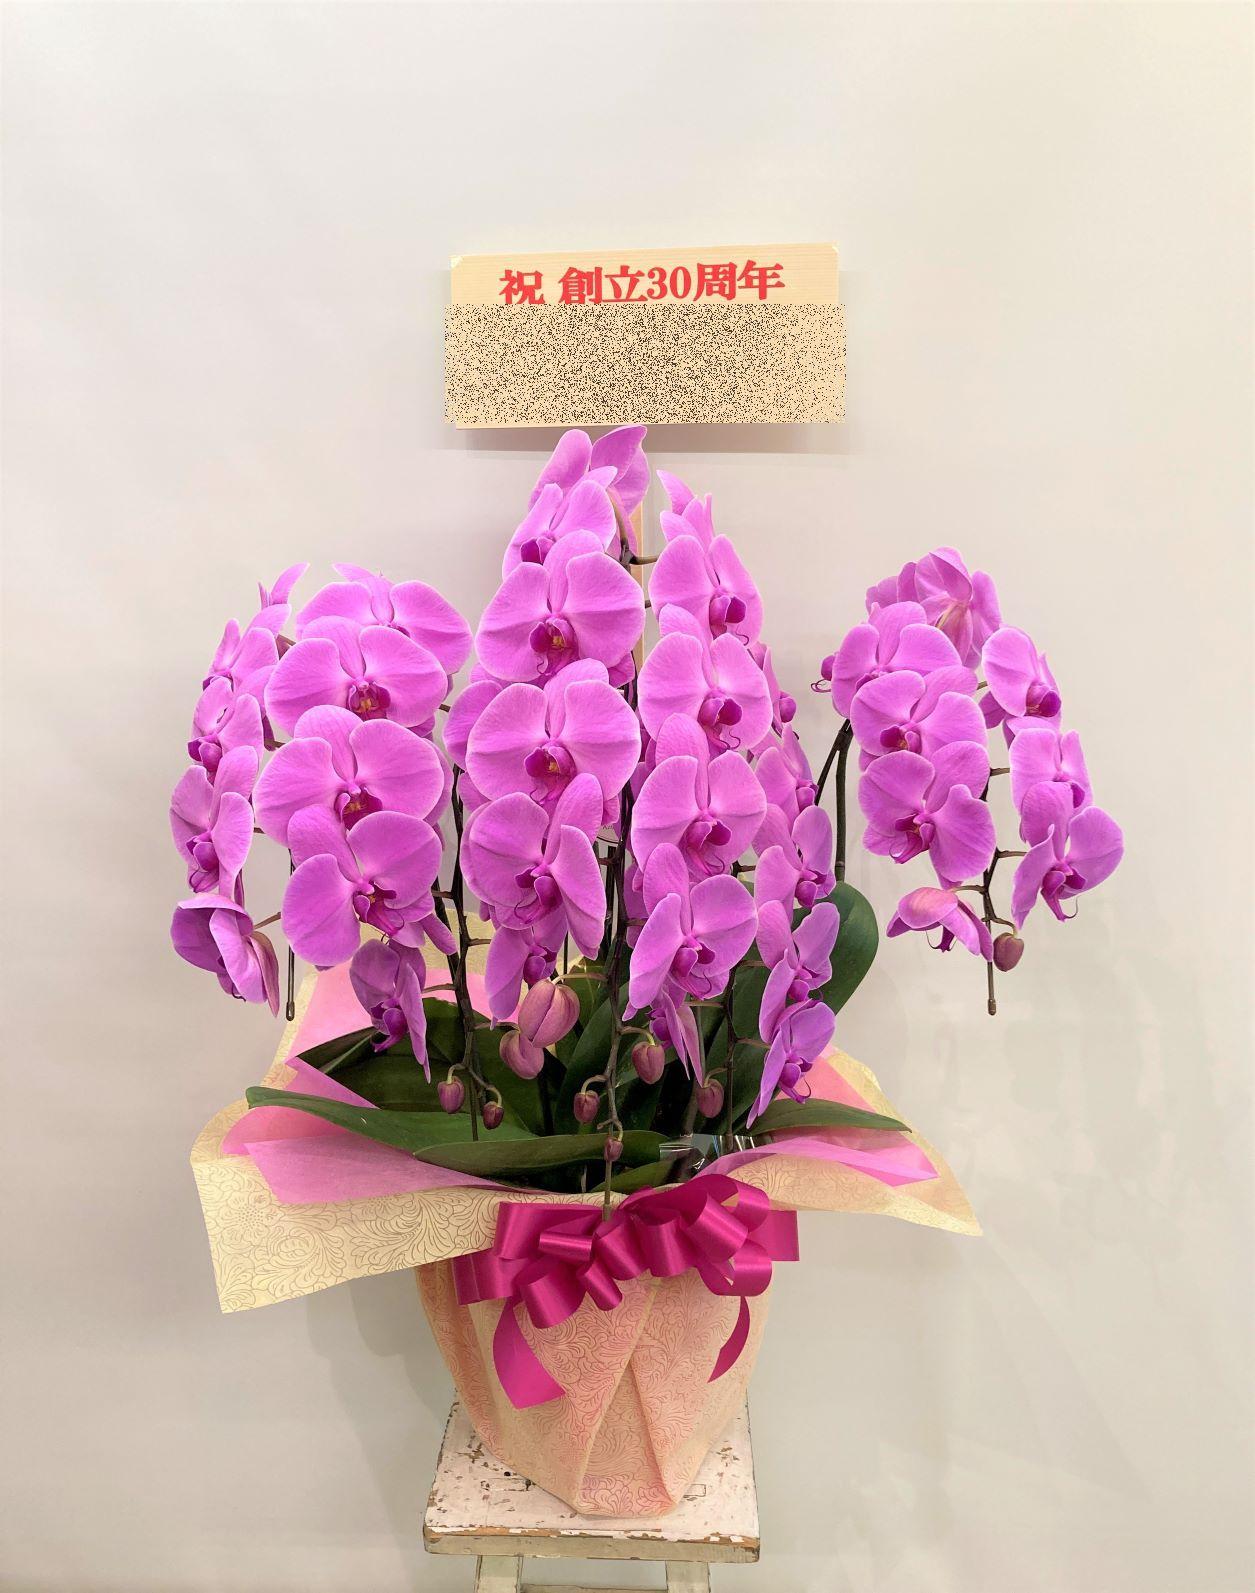 みなとみらいギャラリーへ胡蝶蘭を配達しました。【横浜花屋の花束・スタンド花・胡蝶蘭・バルーン・アレンジメント配達事例899】